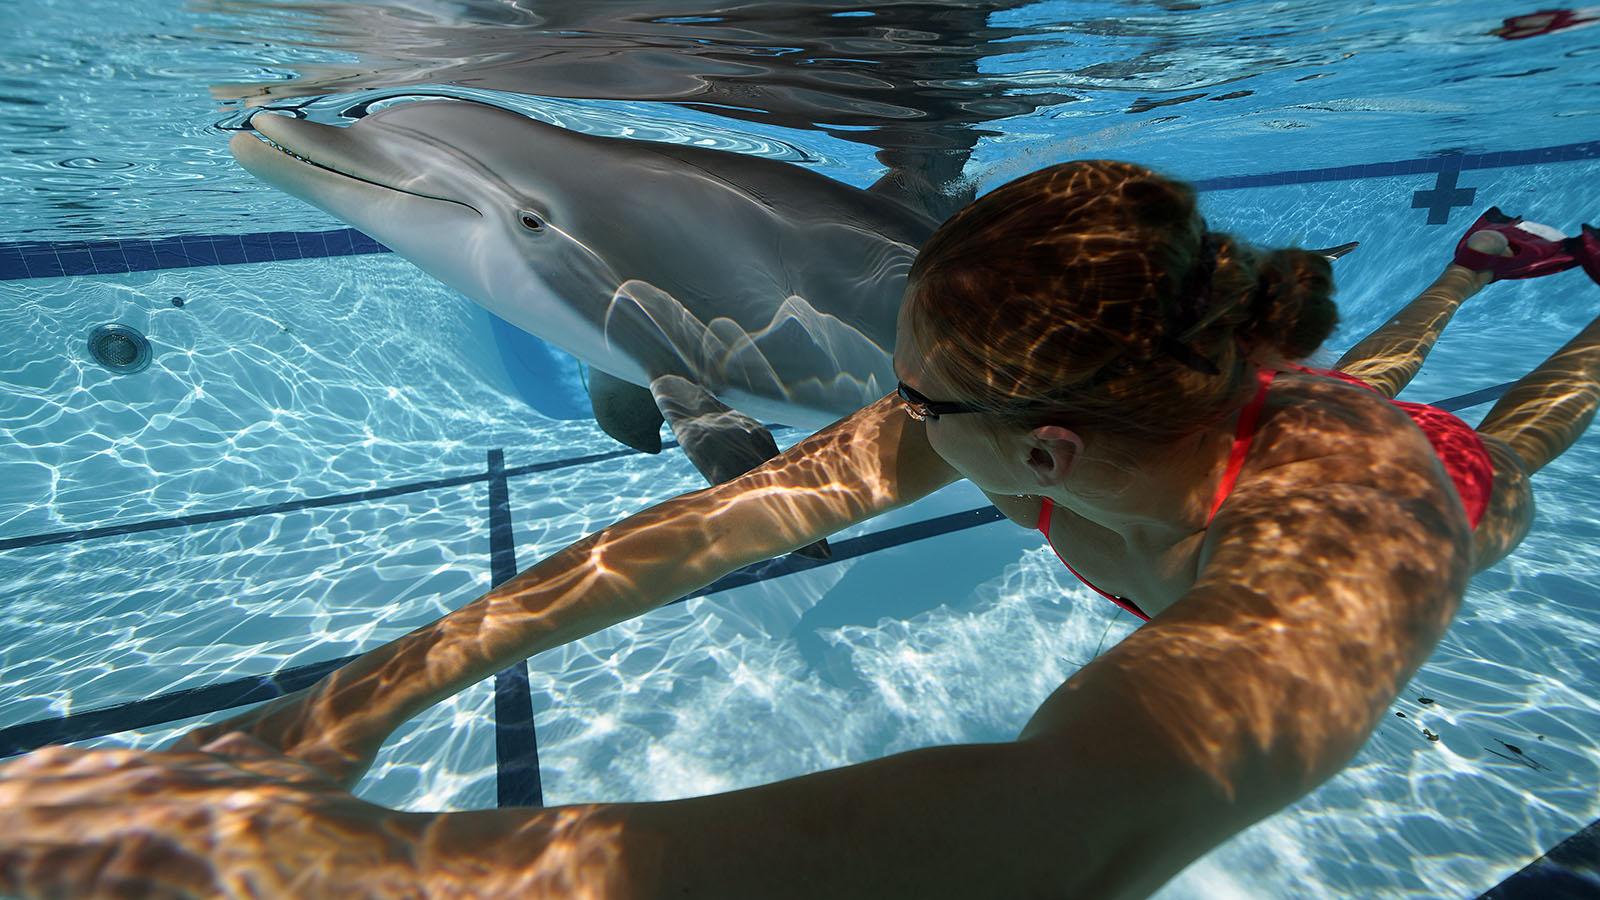 643970cc 7b34 4618 a621 f9f6cc2acd90 swim dsc0271 lauren dolphin fl small